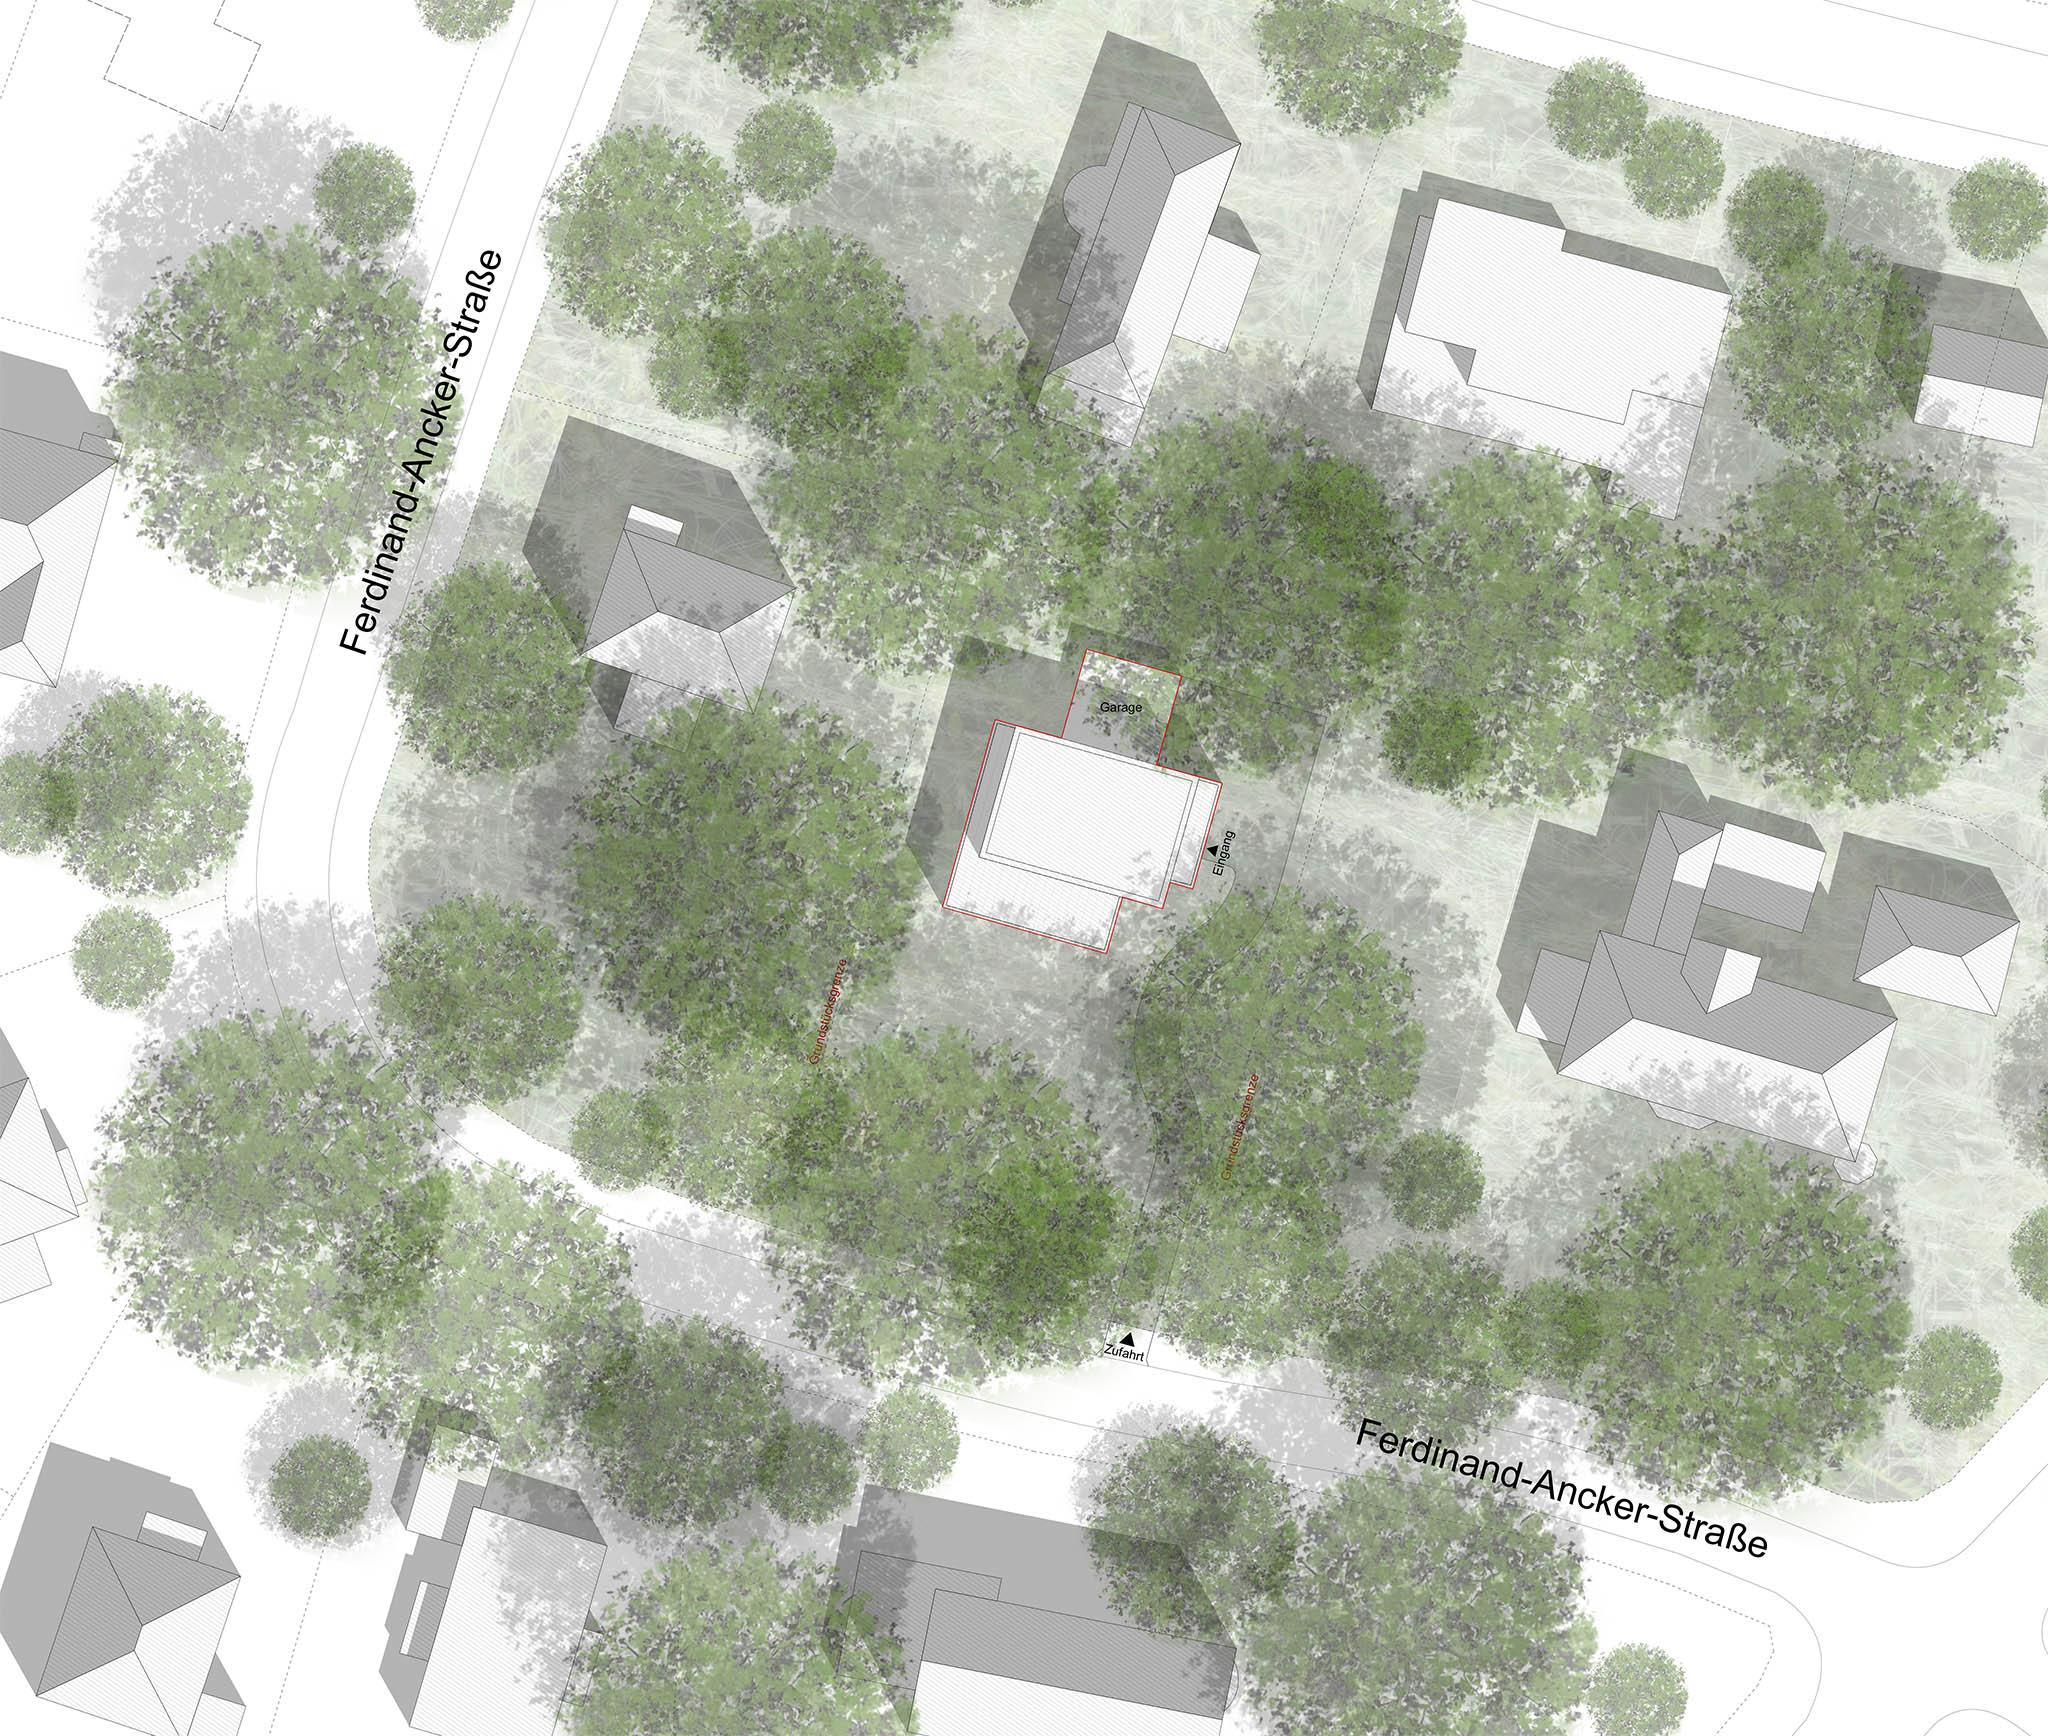 Ferdinant-Ancker-Str-Freiflächenplan